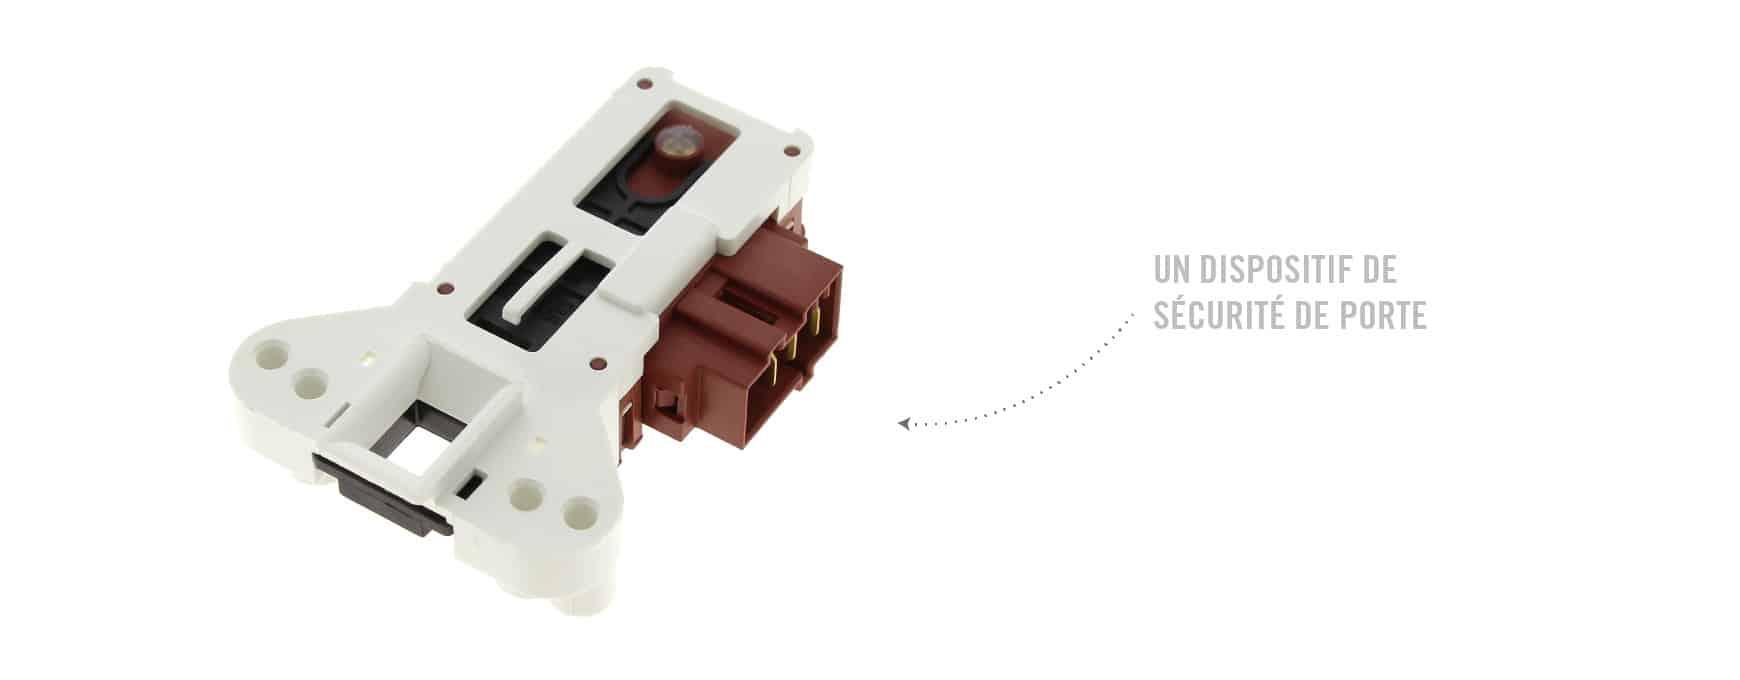 Un dispositif de sécurité de porte